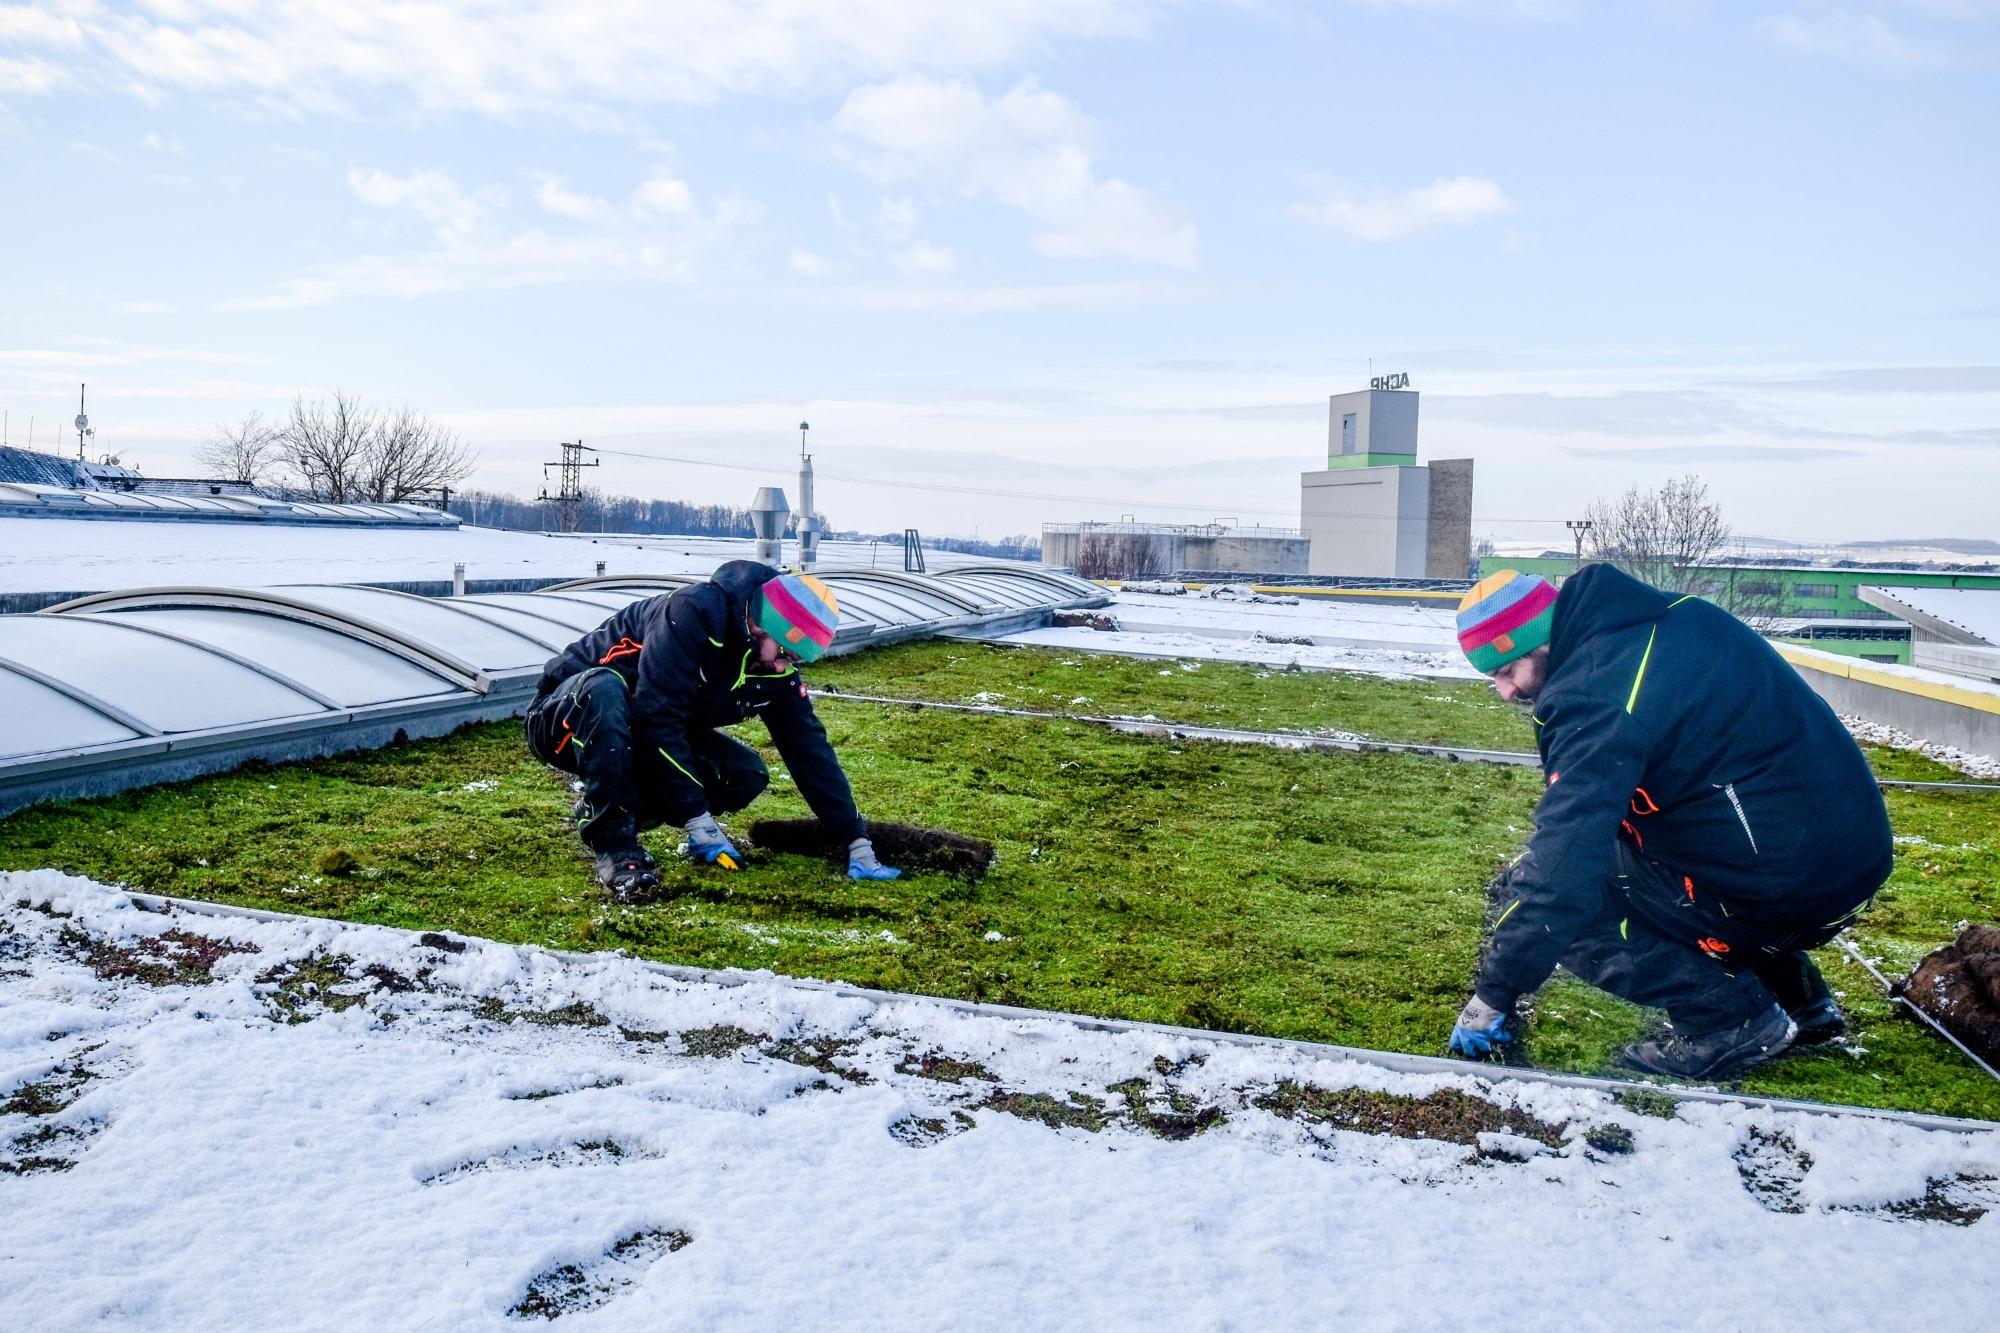 Instalace zelené střechy v zimě? Žádný problém